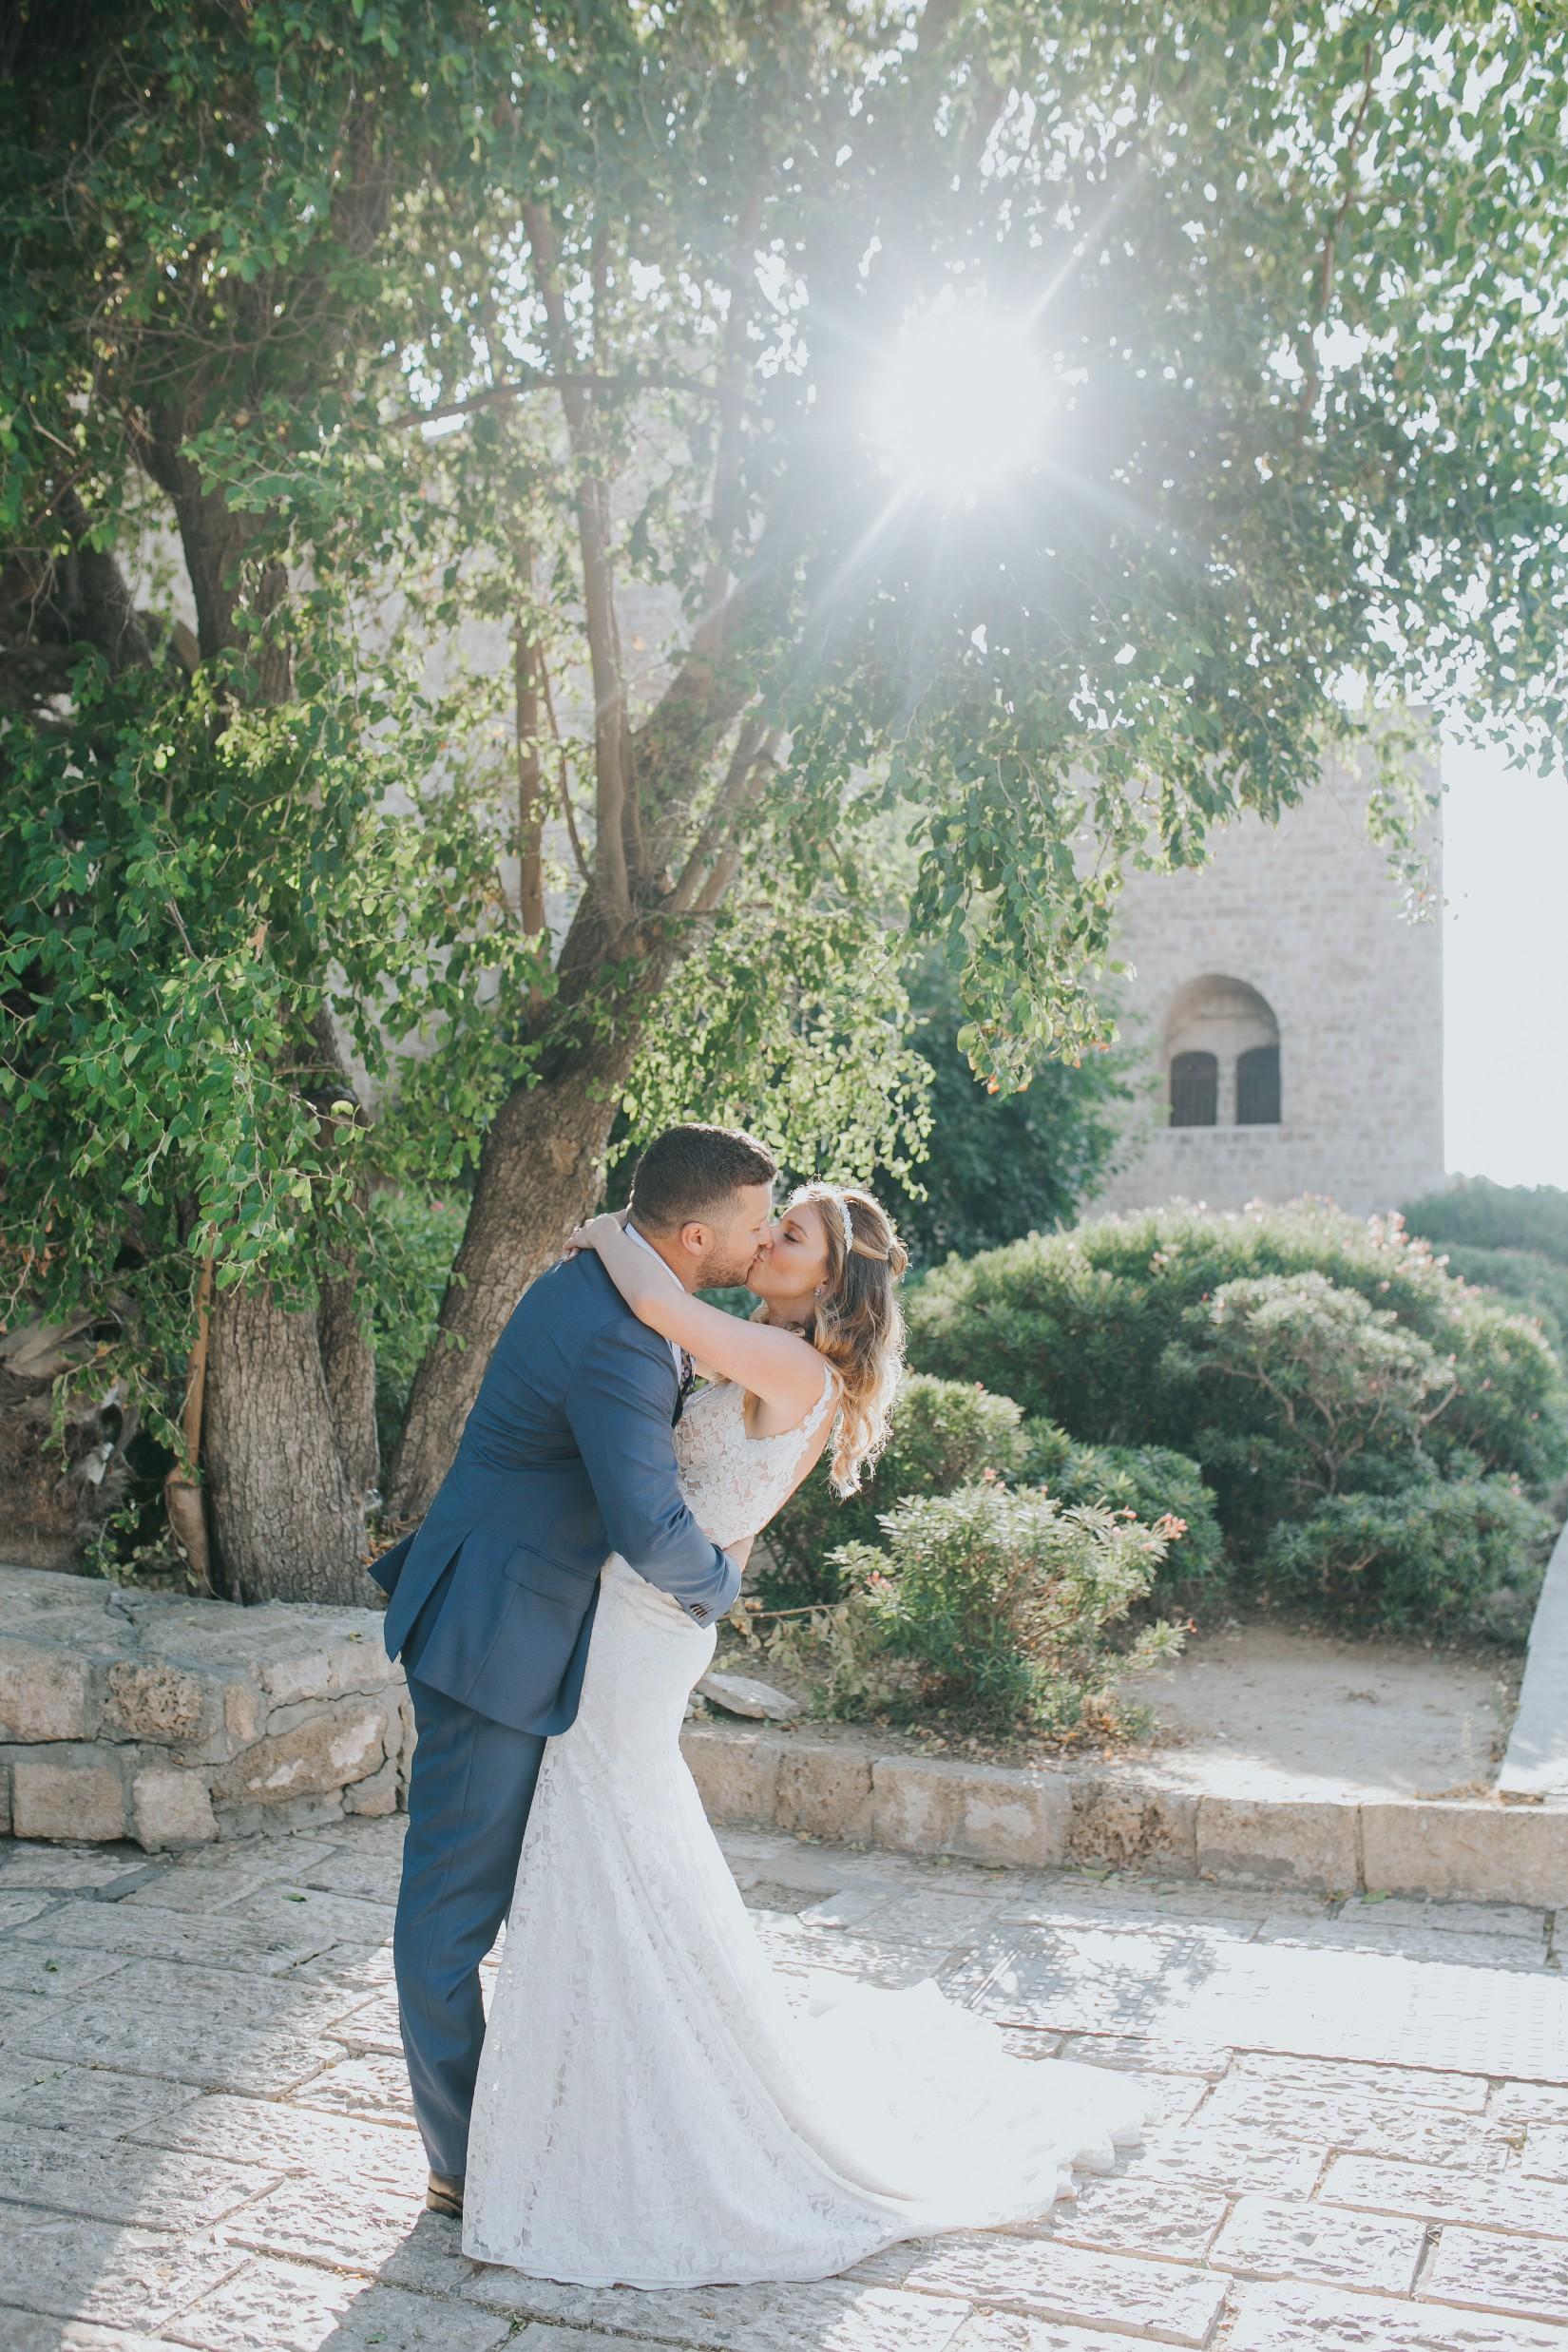 לארגן חתונה ב-10 ימים: היום הגדול של לורן וגיא